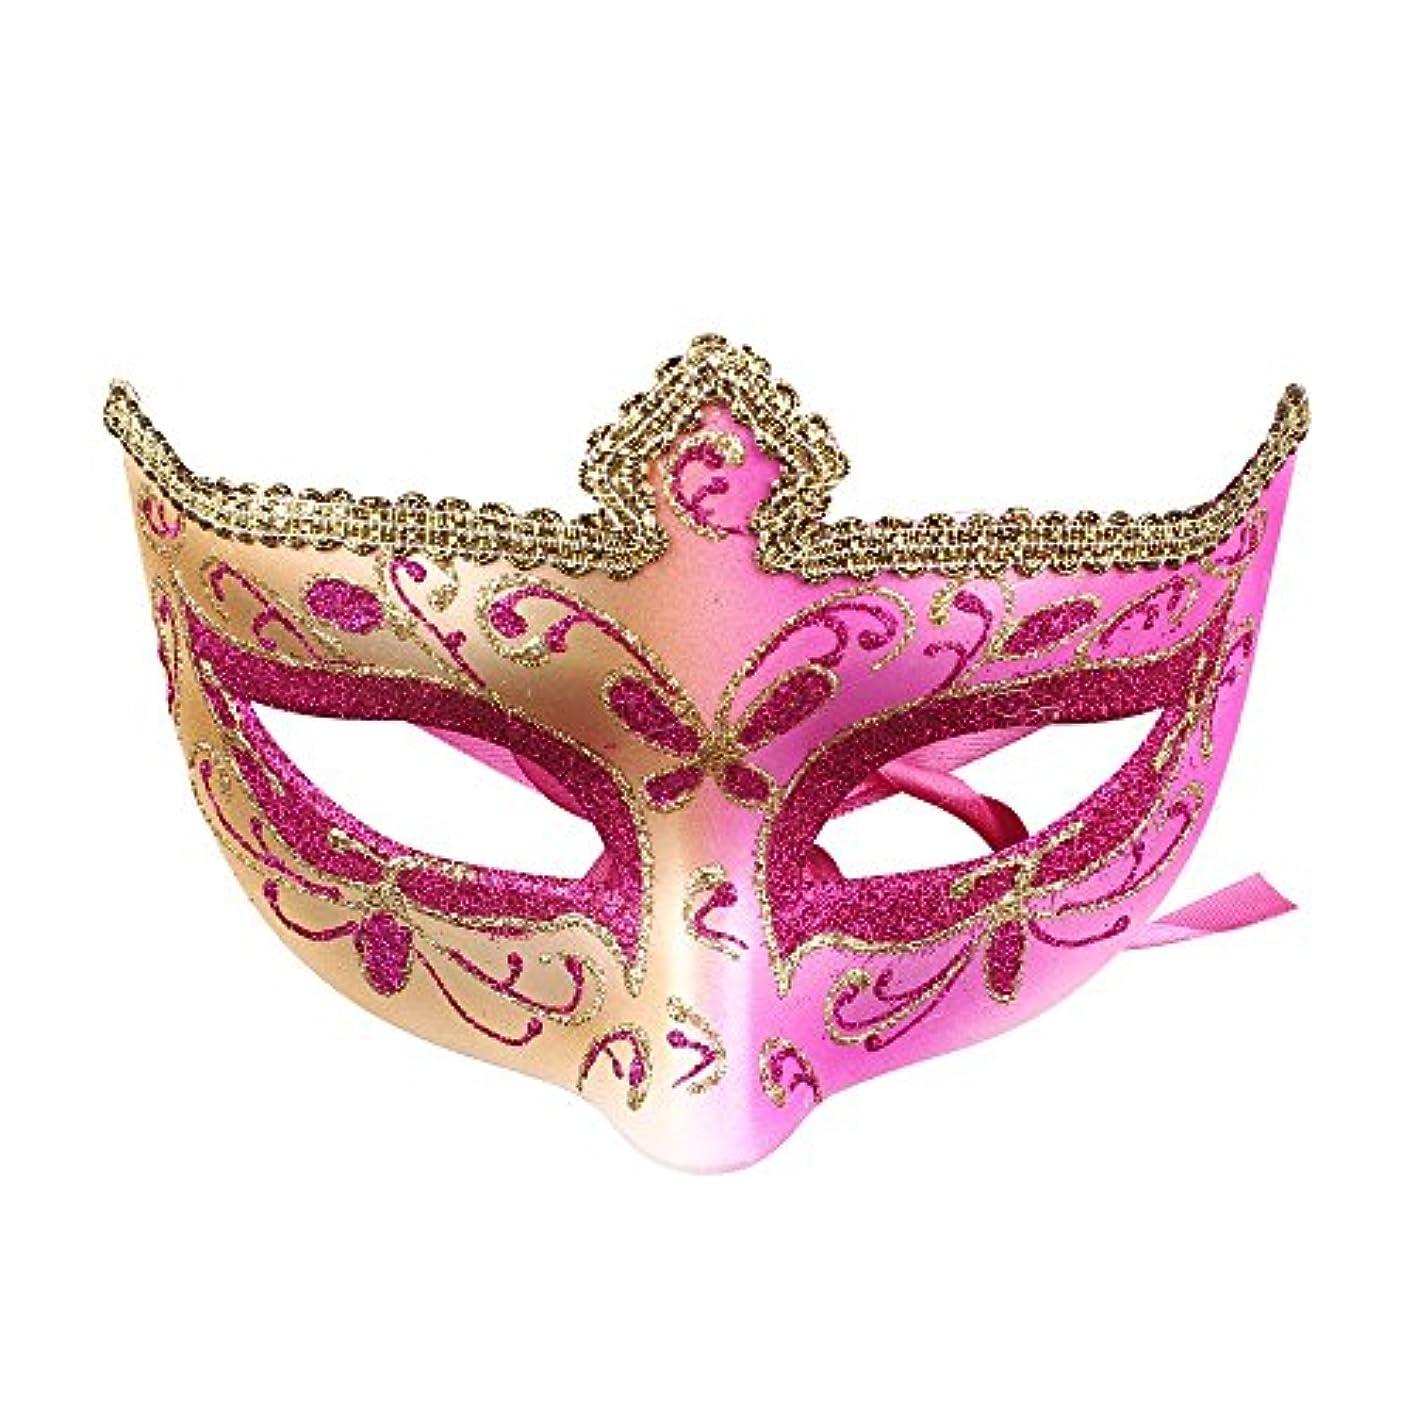 思いやりのある間に合わせ保存クリエイティブ仮面舞??踏会レースマスク美容ハーフフェイス女性身に着けているマスクハロウィーン祭りパーティー用品 (Color : BLUE)